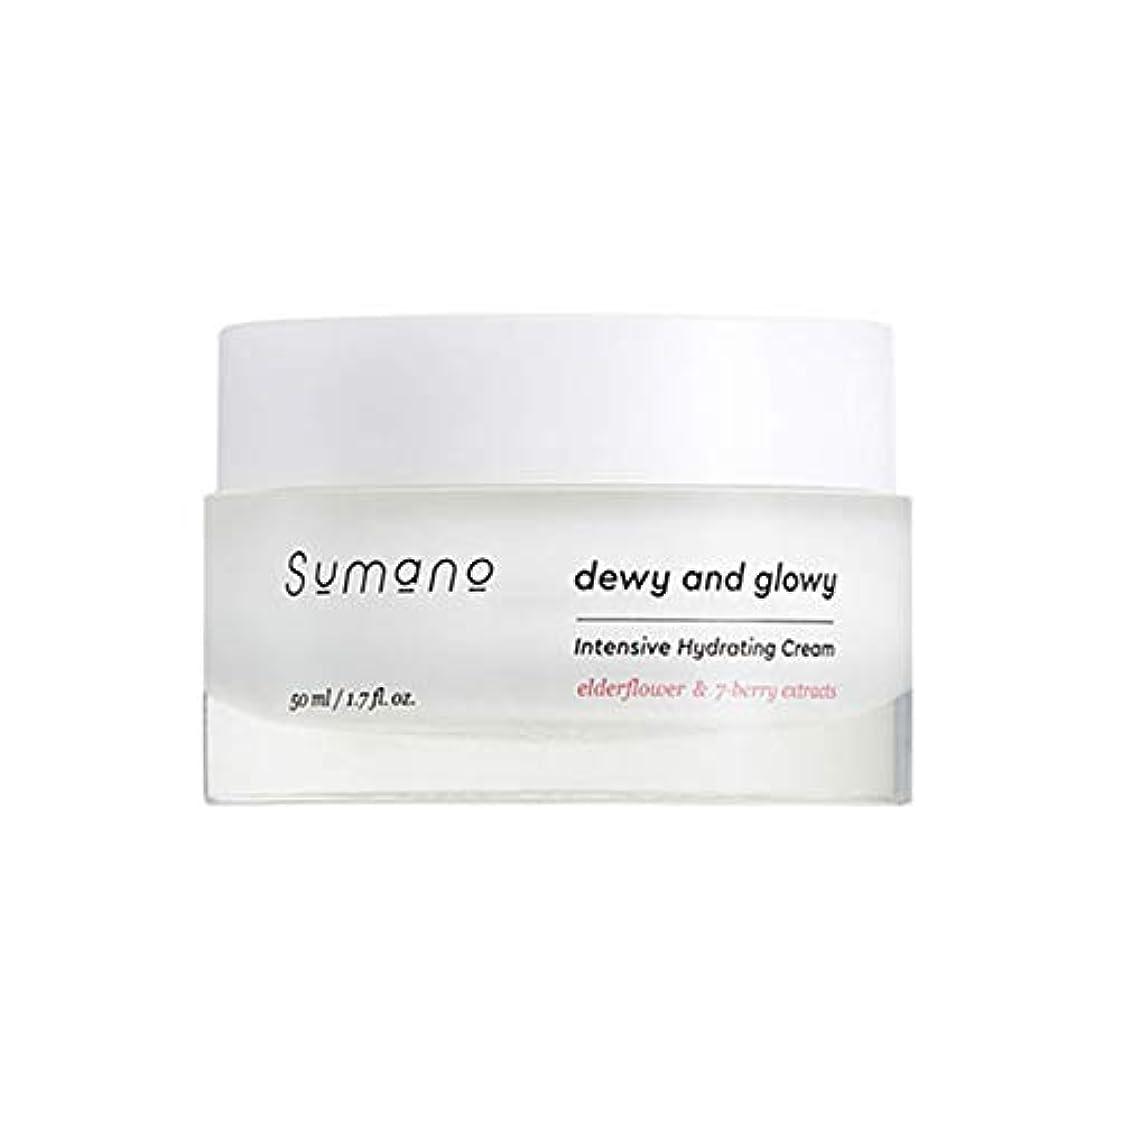 ボールメロディーアルプス[SUMANO/スマノ] Sumano Intensive Hydrating Cream/インテンシブクリーム Skingarden/スキンガーデン